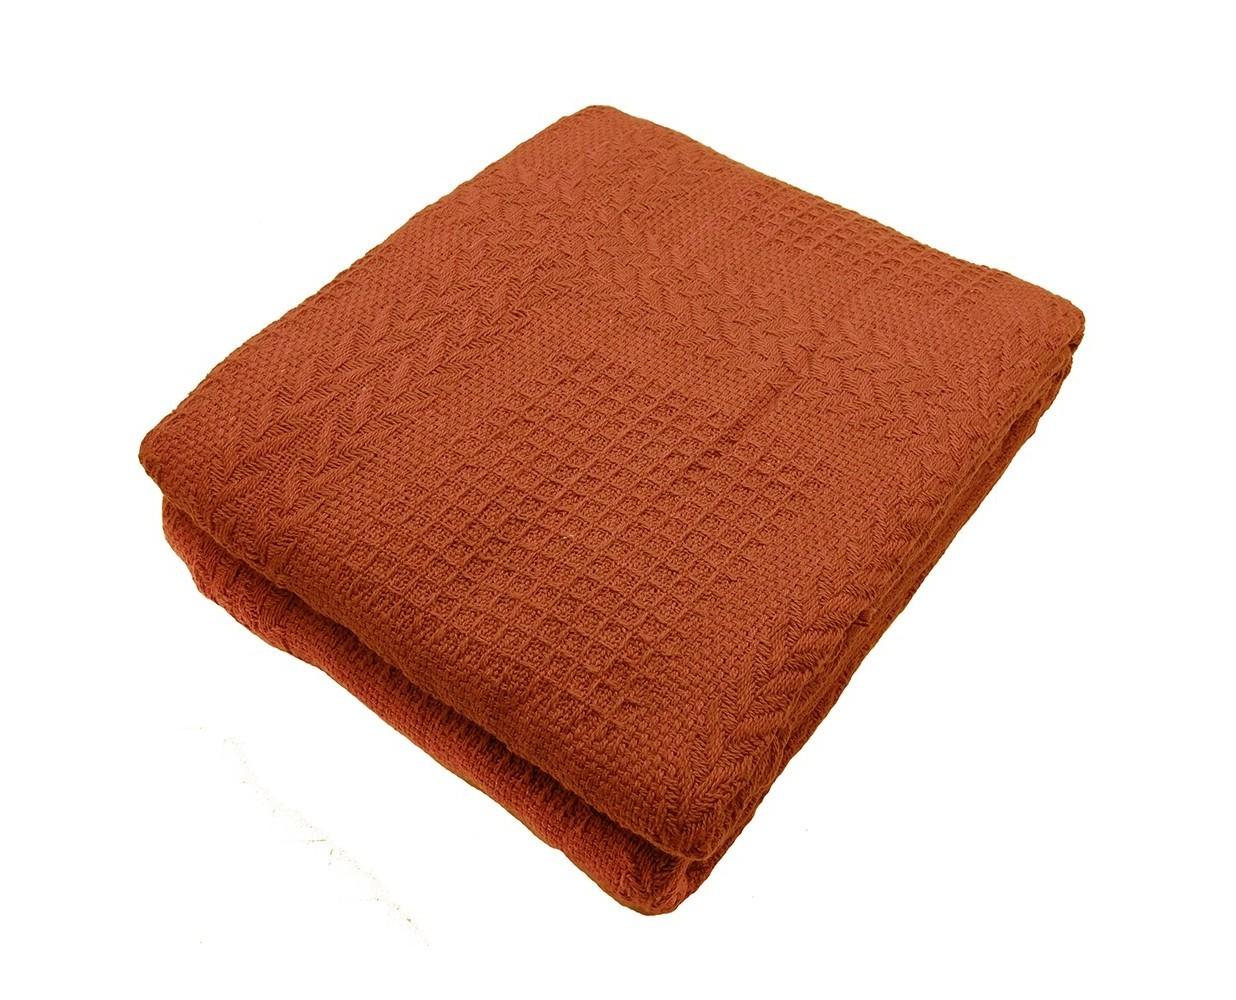 Покрывало МарсельПокрывала<br>Хлопковое объемное вязаное покрывало насыщенного кирпичного цвета.&amp;amp;nbsp;&amp;lt;div&amp;gt;Край покрывала оформлен кистями.&amp;lt;/div&amp;gt;<br><br>Material: Хлопок<br>Ширина см: 200<br>Глубина см: 240